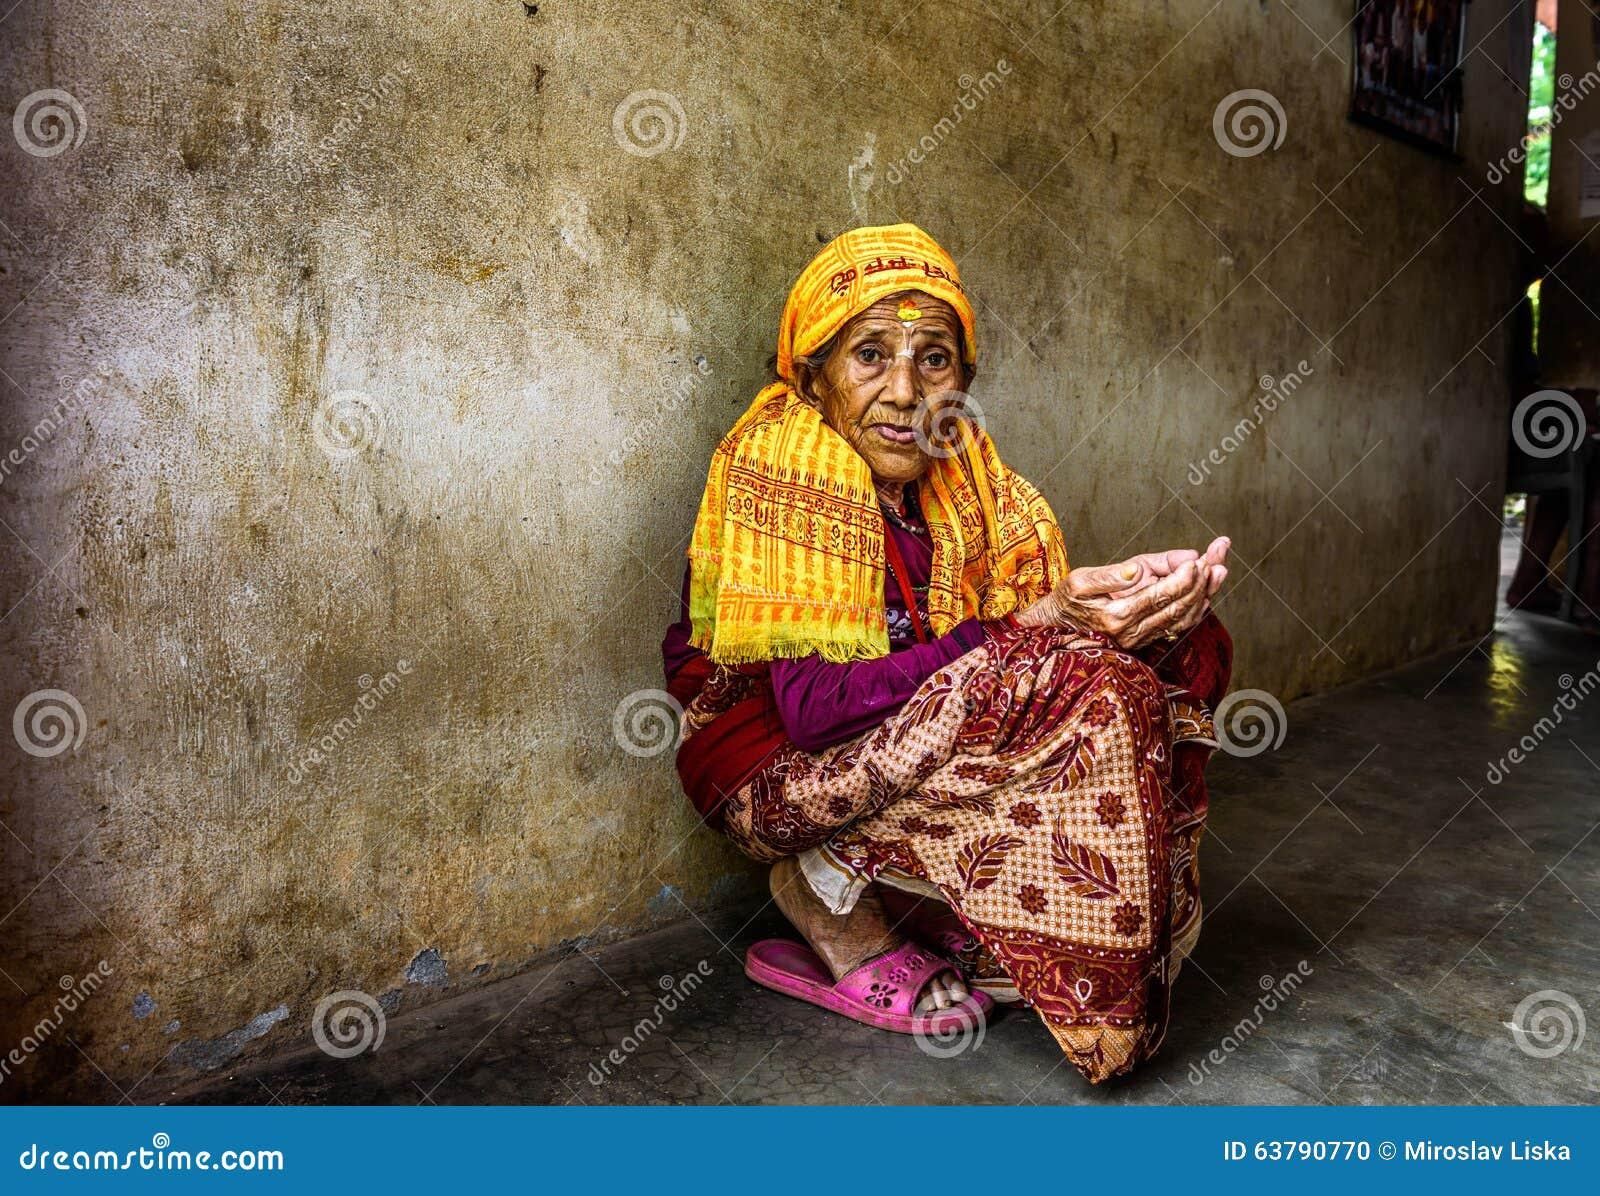 Старуху в дом престарелых звенигородский дом-интернат для престарелых и инвалидов инн